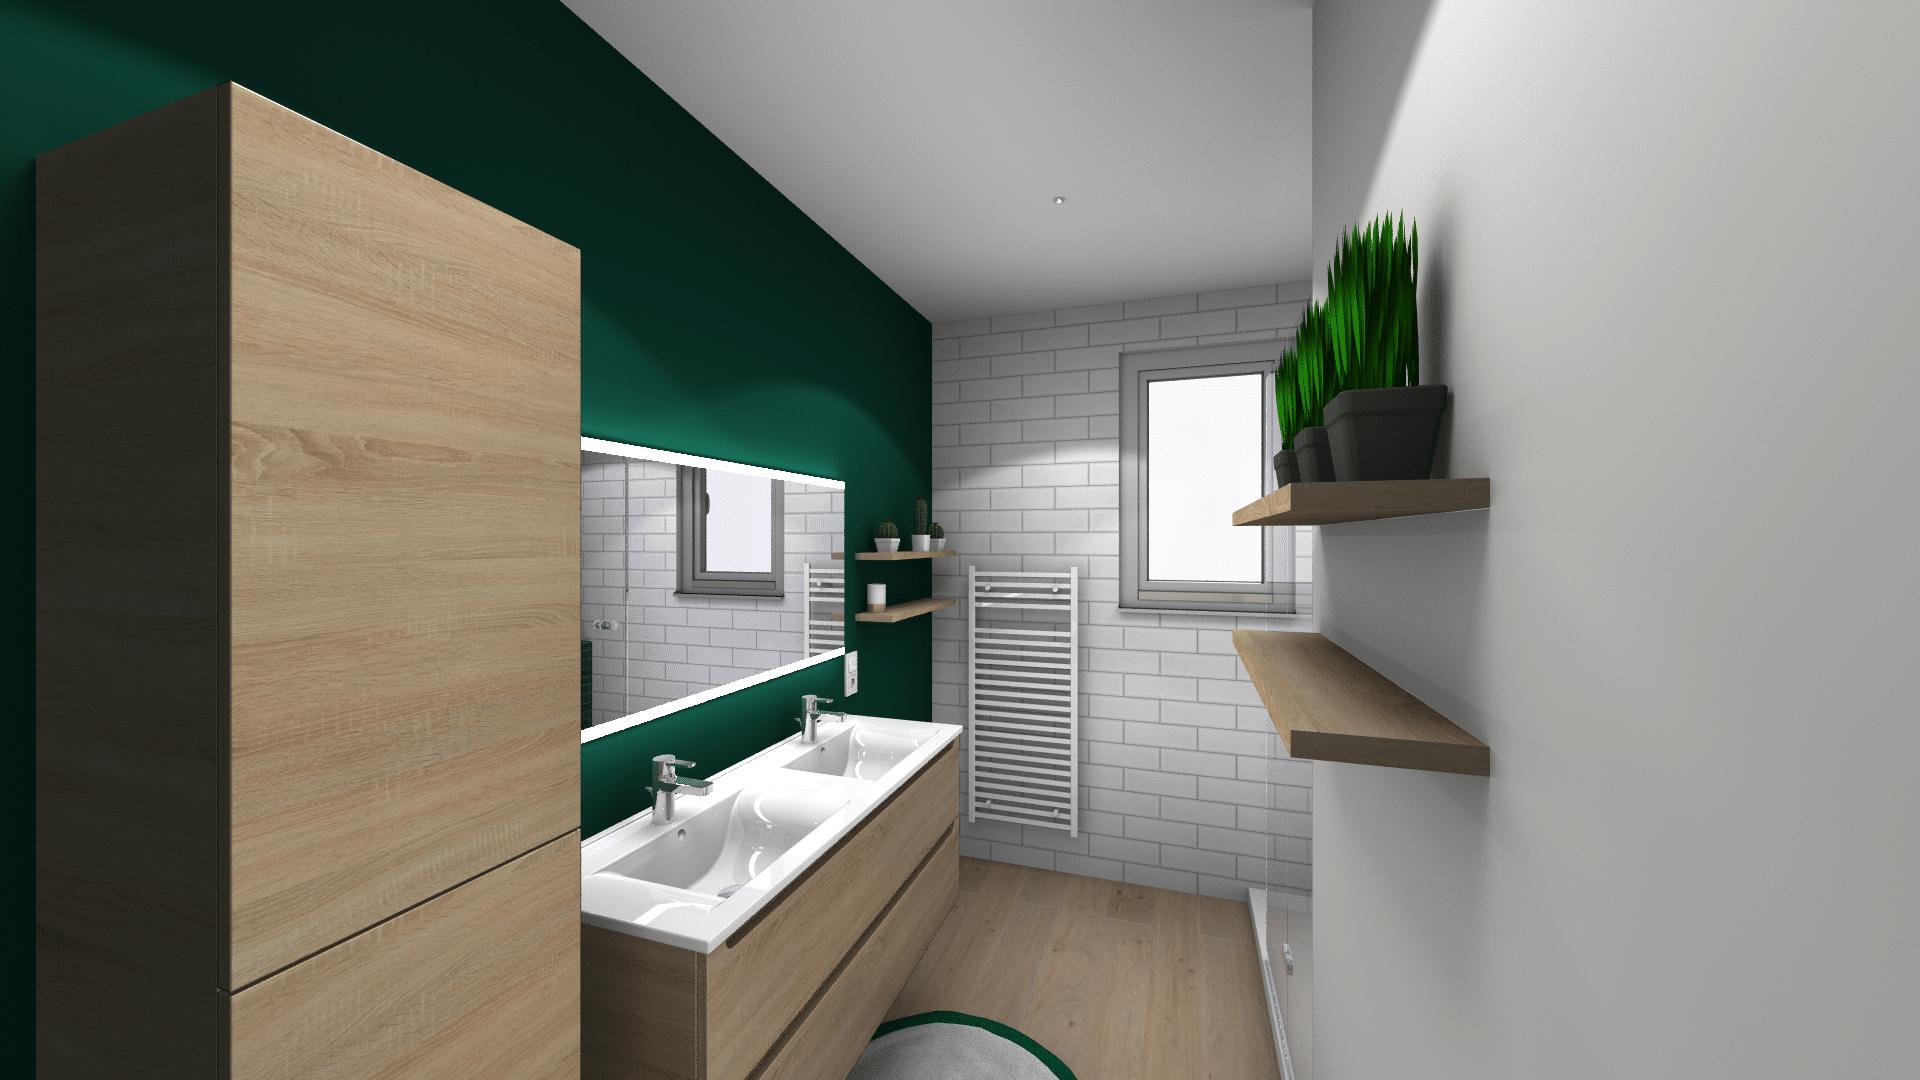 salle-de-bain-modern-verte-bois